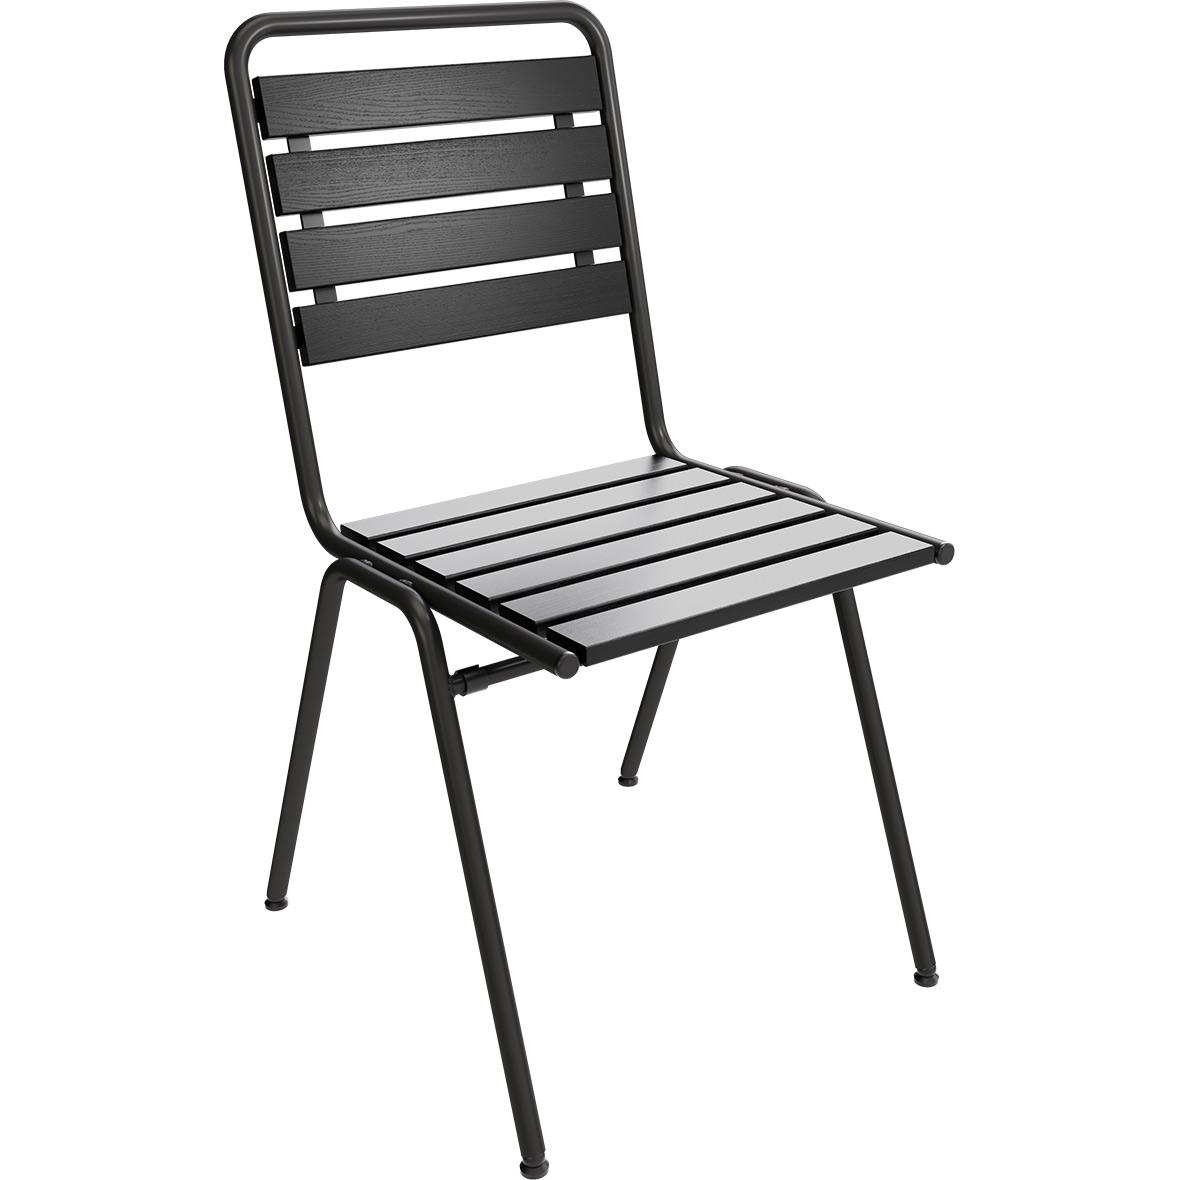 Gartenstuhl Stol Absolut Black – Special Edition